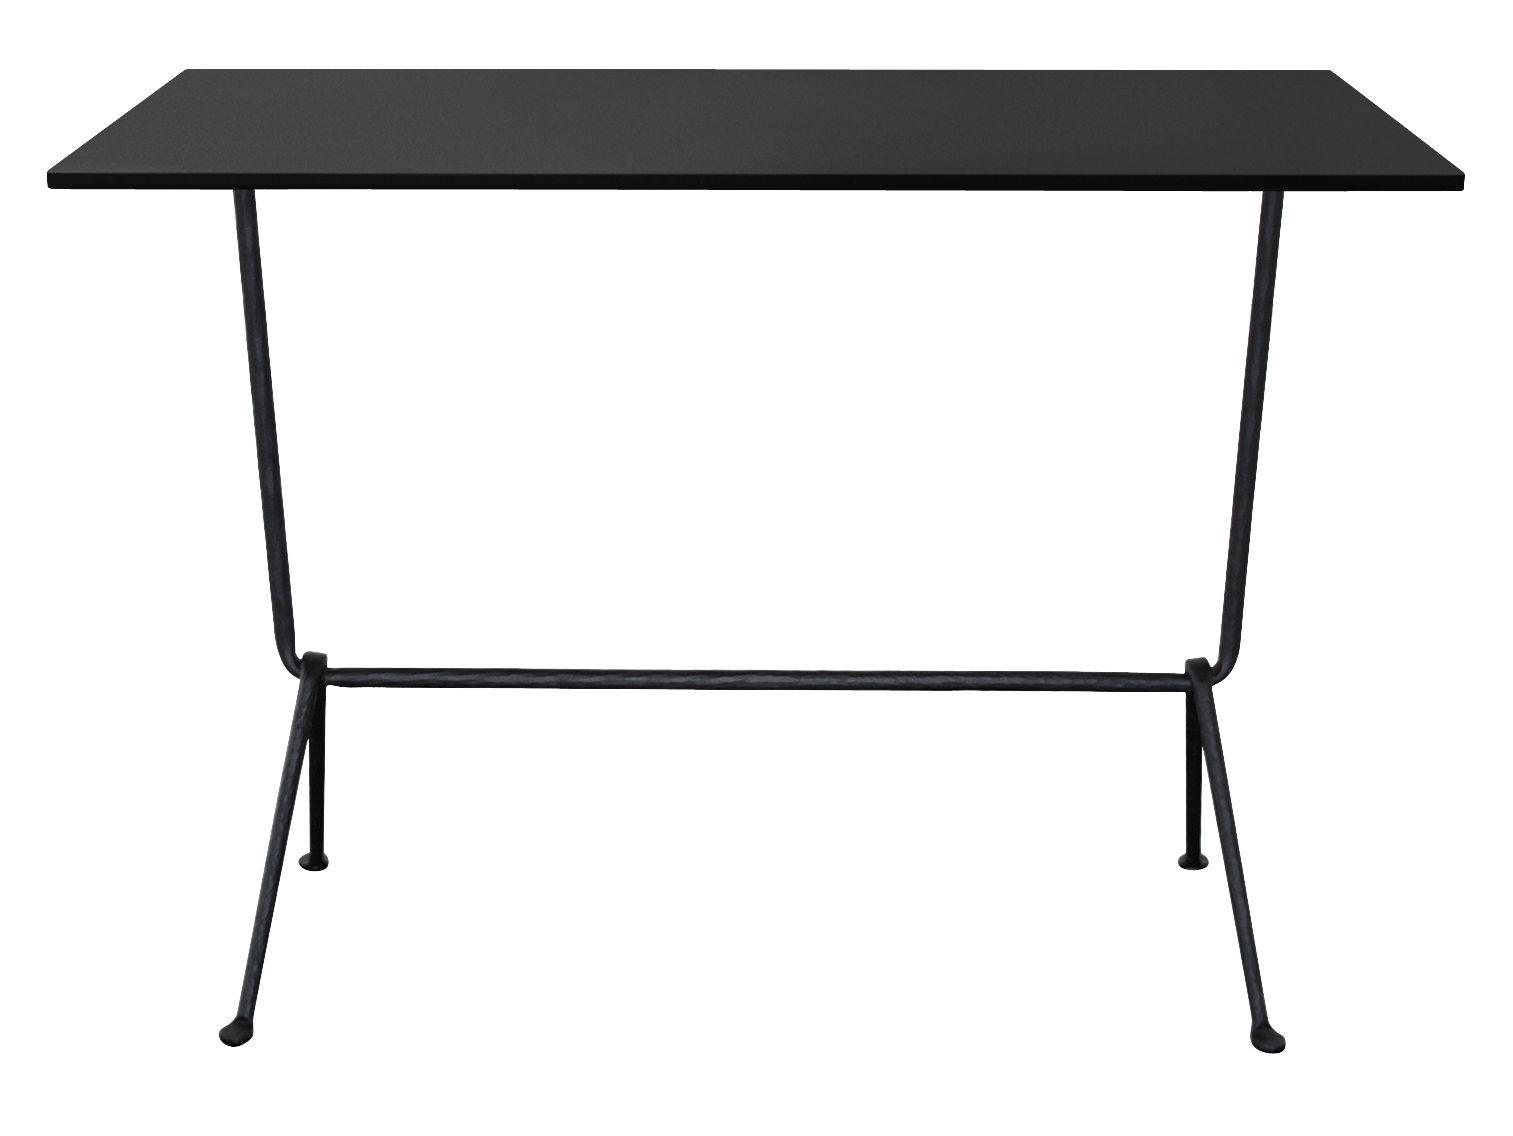 Mobilier - Mange-debout et bars - Table haute Officina Bistrot Outdoor / H 110 cm - 120 x 60 cm - Plateau acier - Magis - Acier noir / Pieds noirs - Acier, Fer